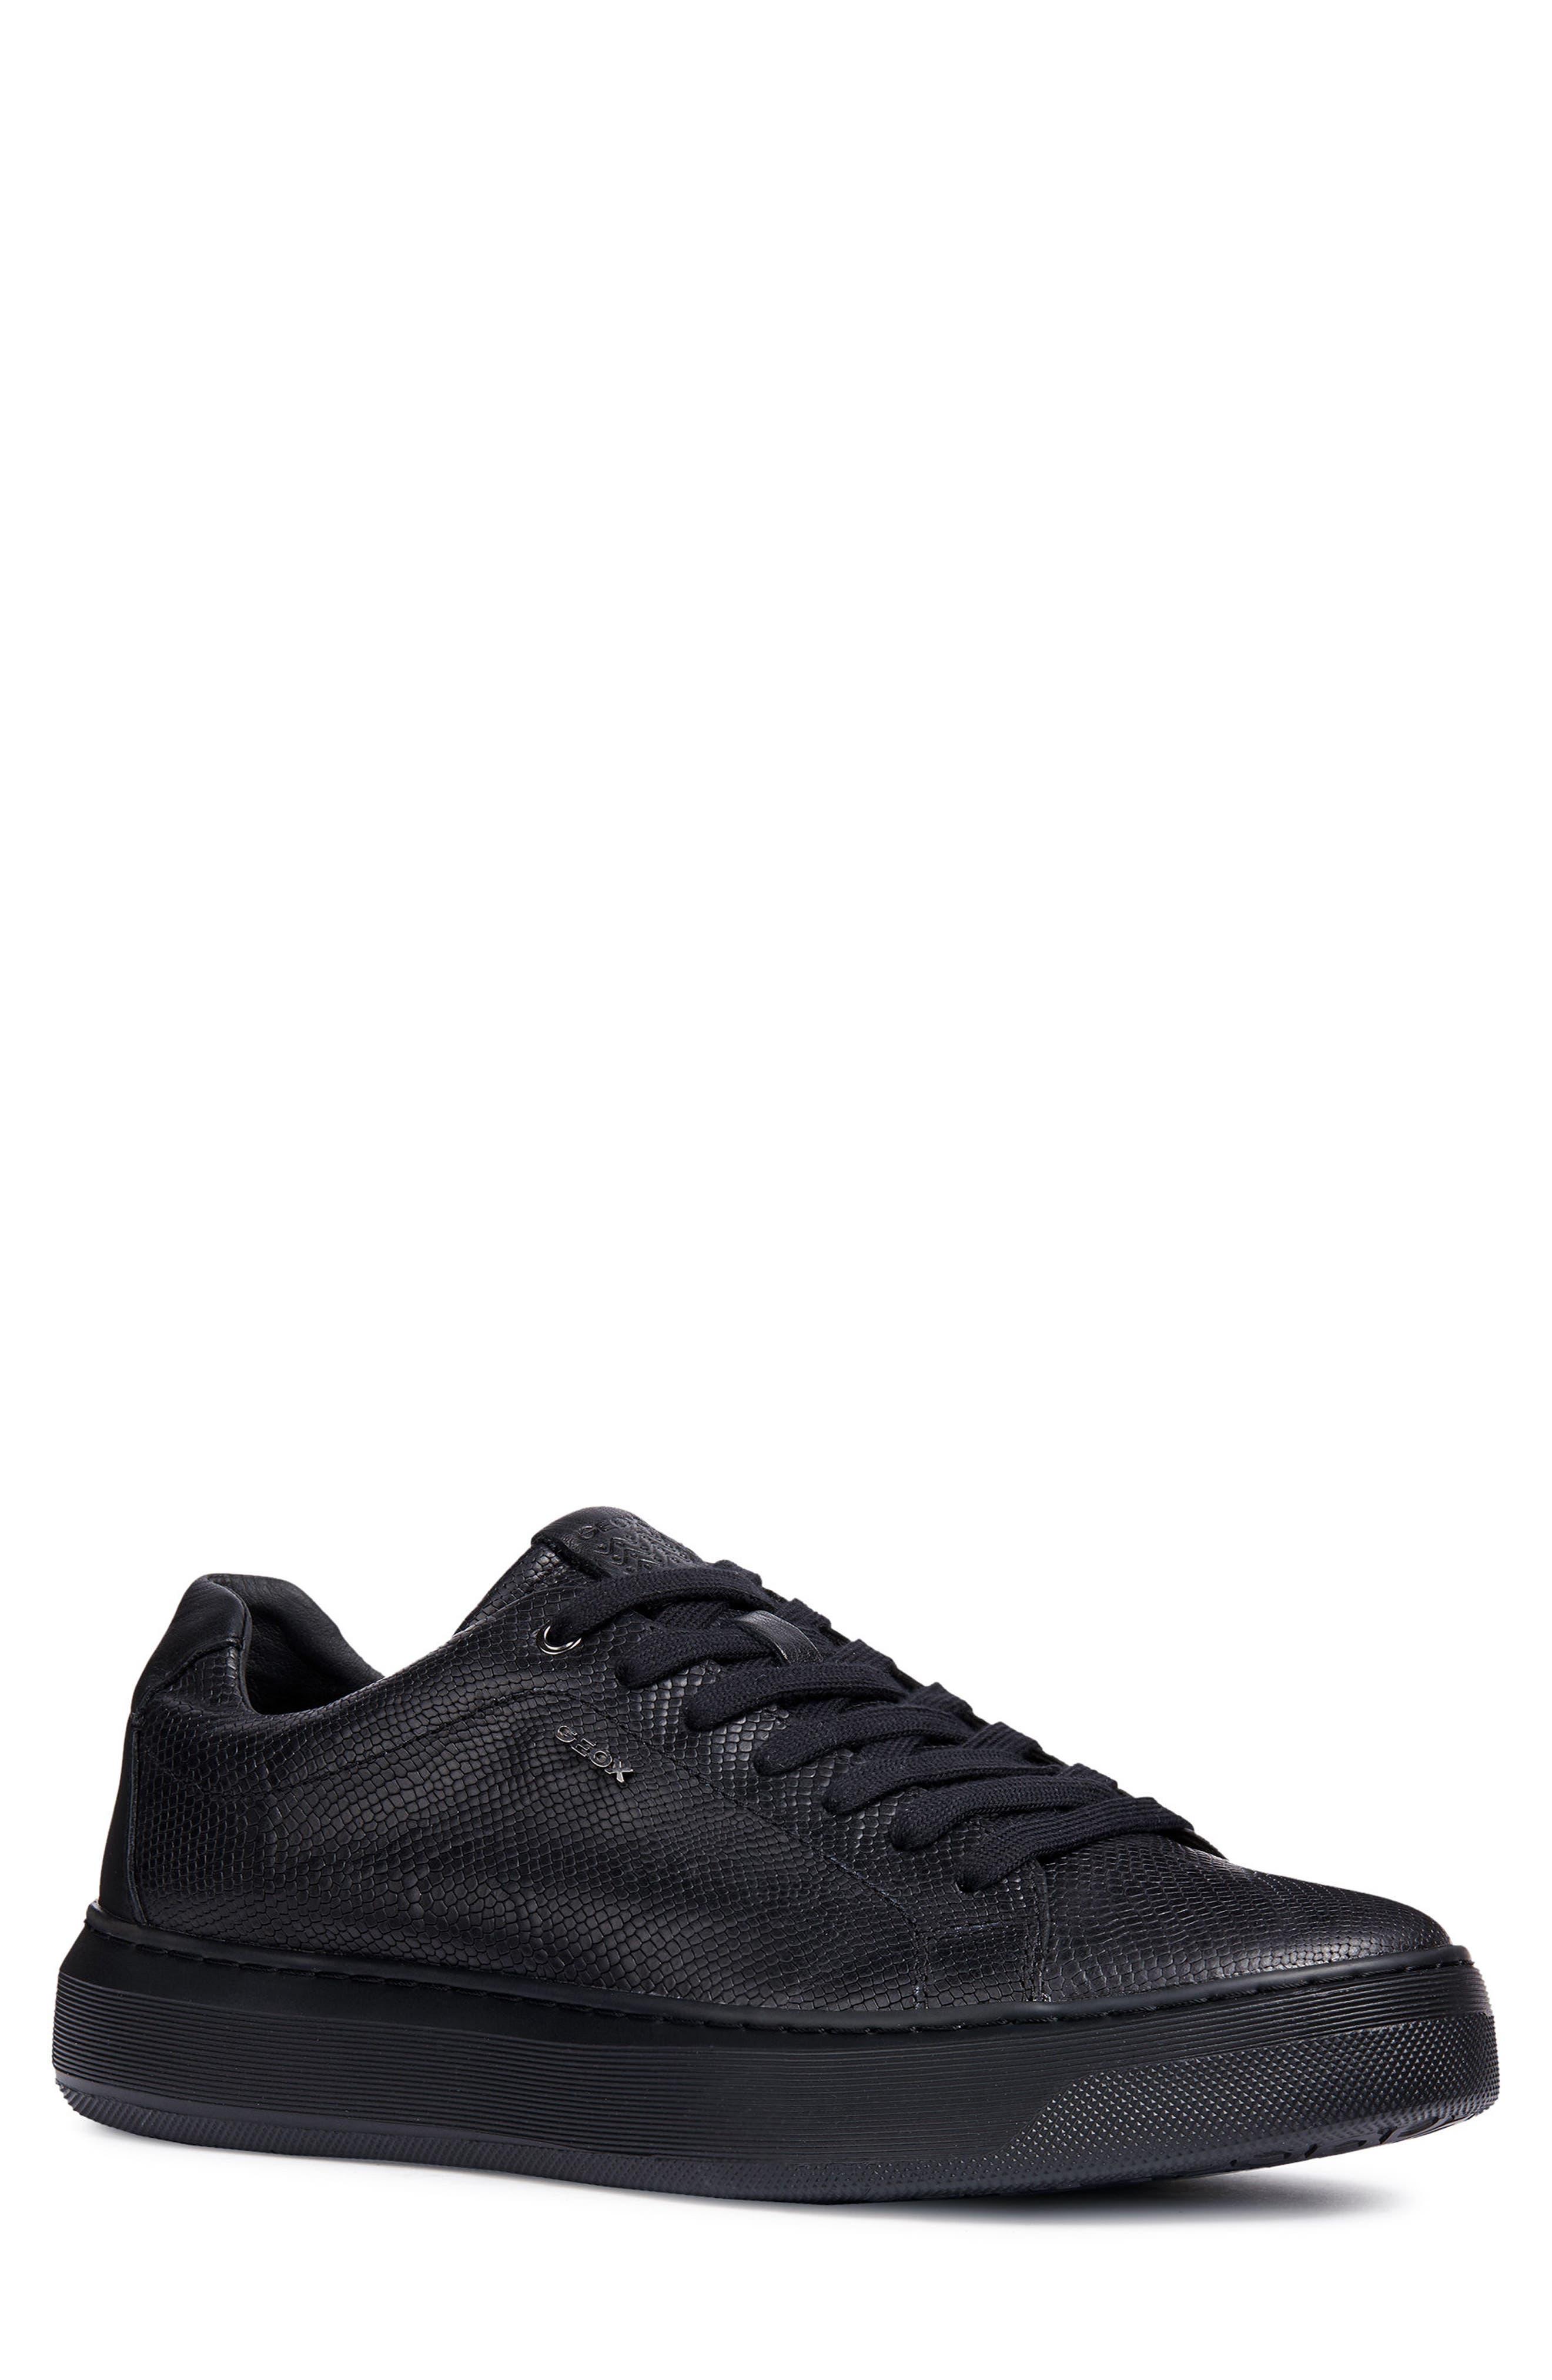 Geox Deiven 7 Snake Embossed Low Top Sneaker, Black